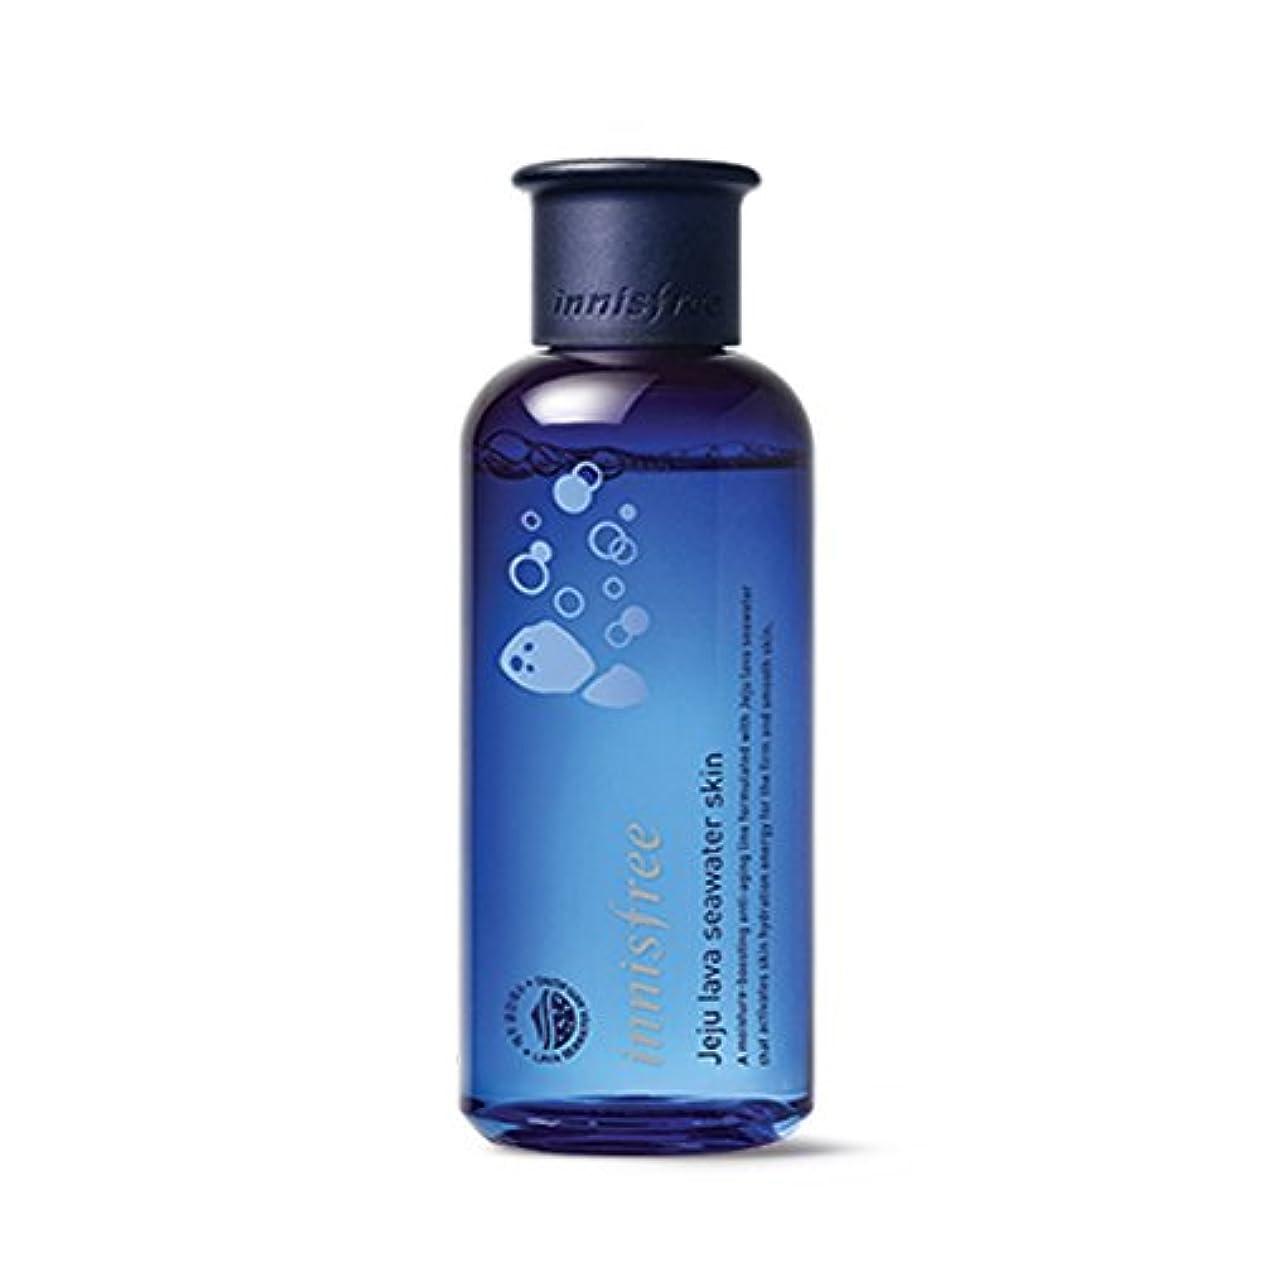 スキッパー息苦しい数値イニスフリージェジュラブシーウォータースキン(トナー)200ml Innisfree Jeju Lava Seawater Skin(Toner) 200ml [外直送品][並行輸入品]